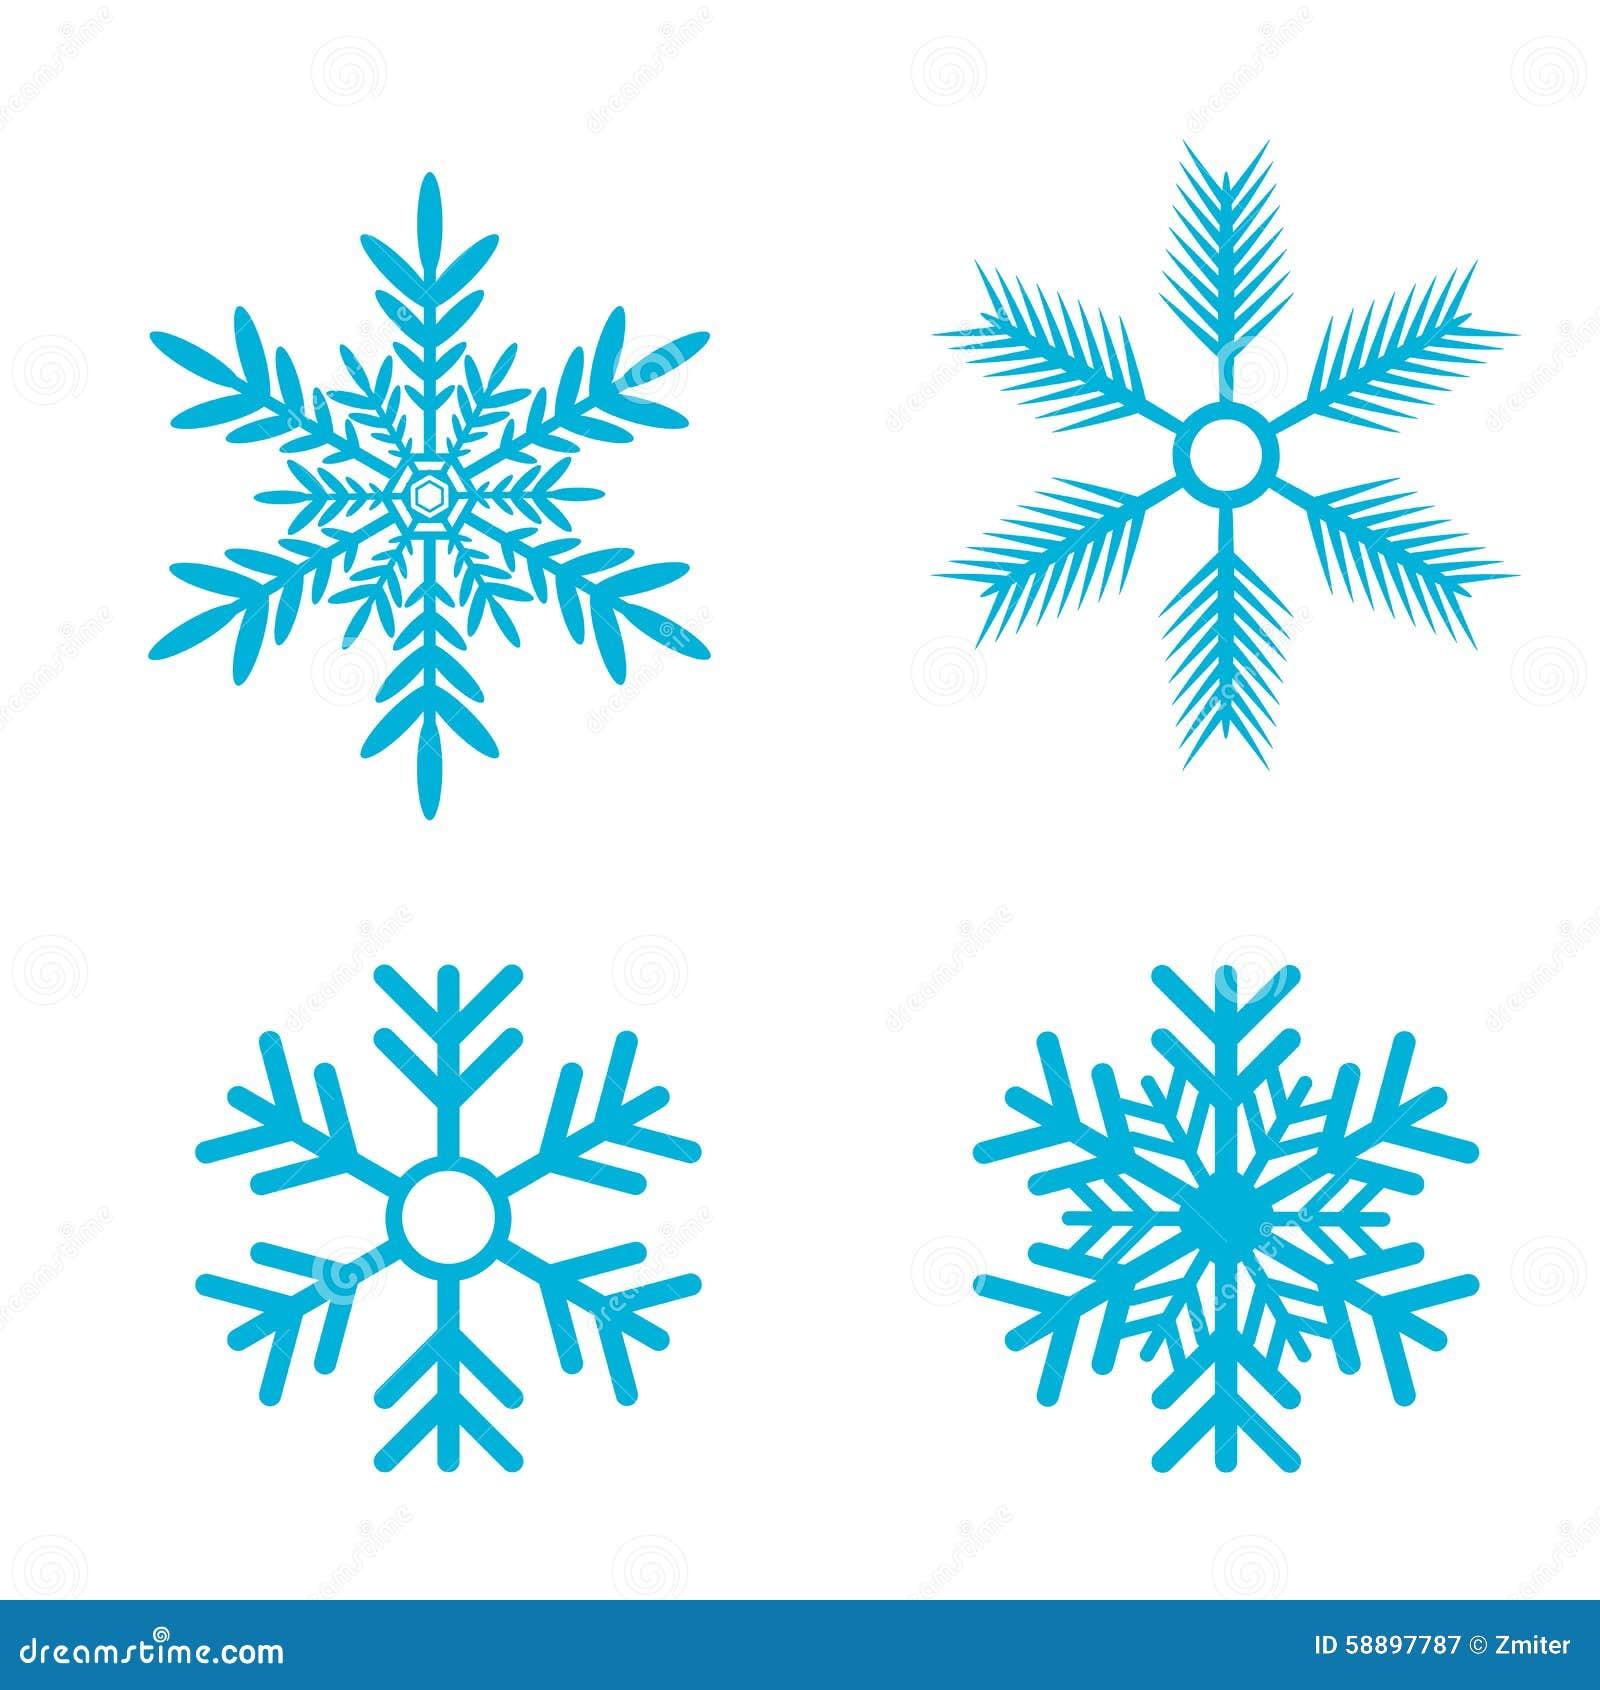 Les flocons de neige dirigent le positionnement ic ne de flocon de neige illustration de vecteur - Gabarit flocon de neige a decouper ...